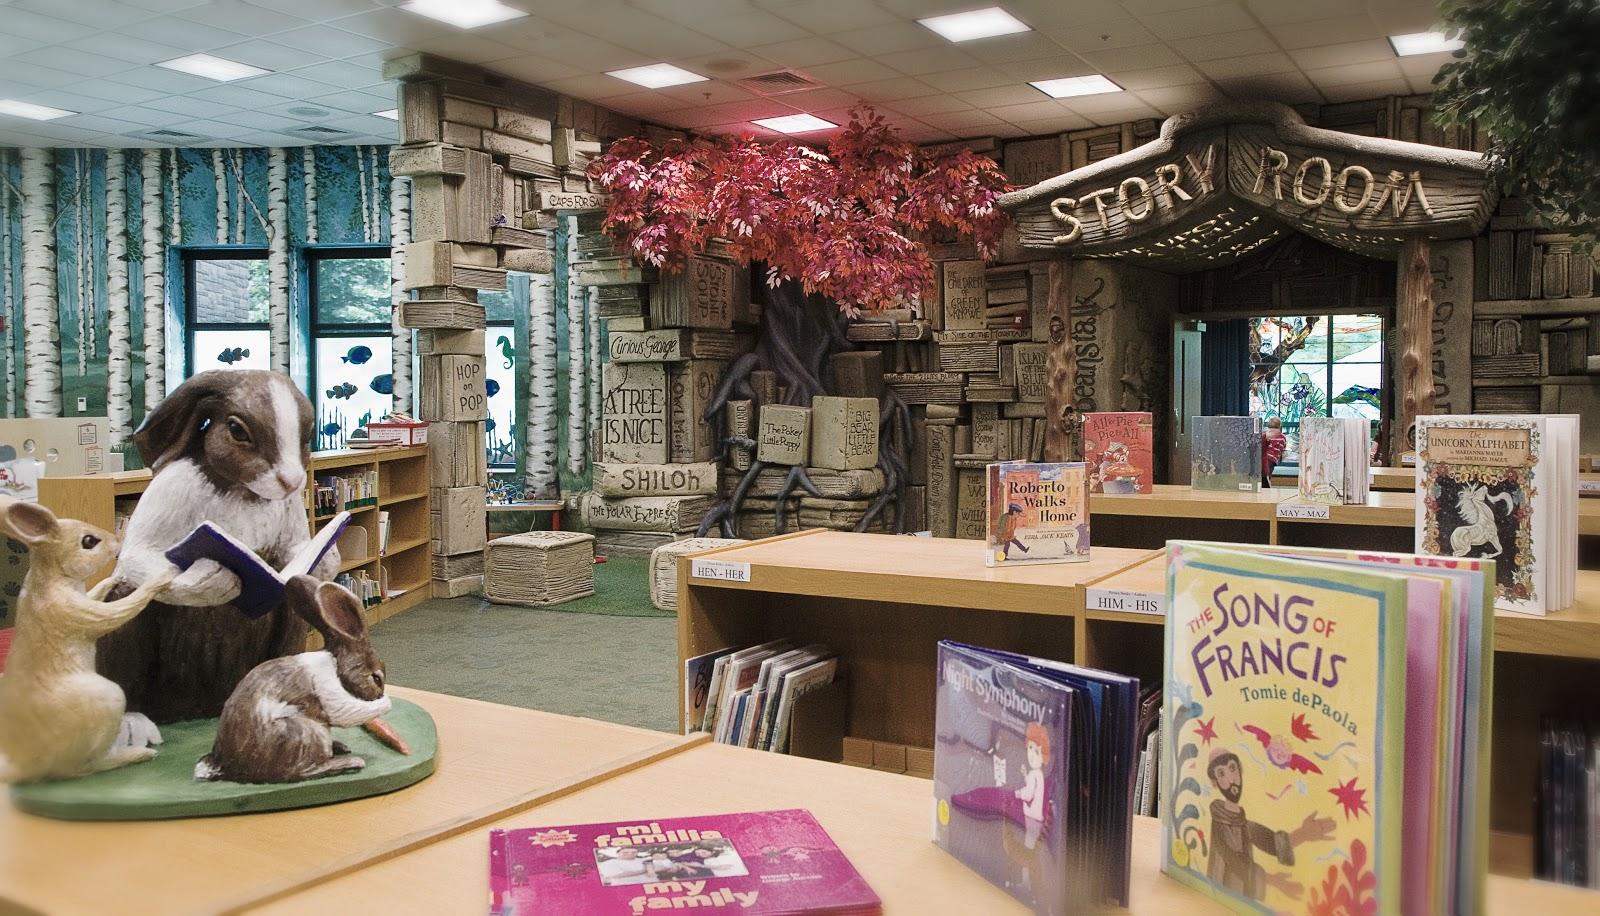 La biblioteca para niños de Brentwood, en Tennessee, Estados Unidos (Brentwood Children's Library)